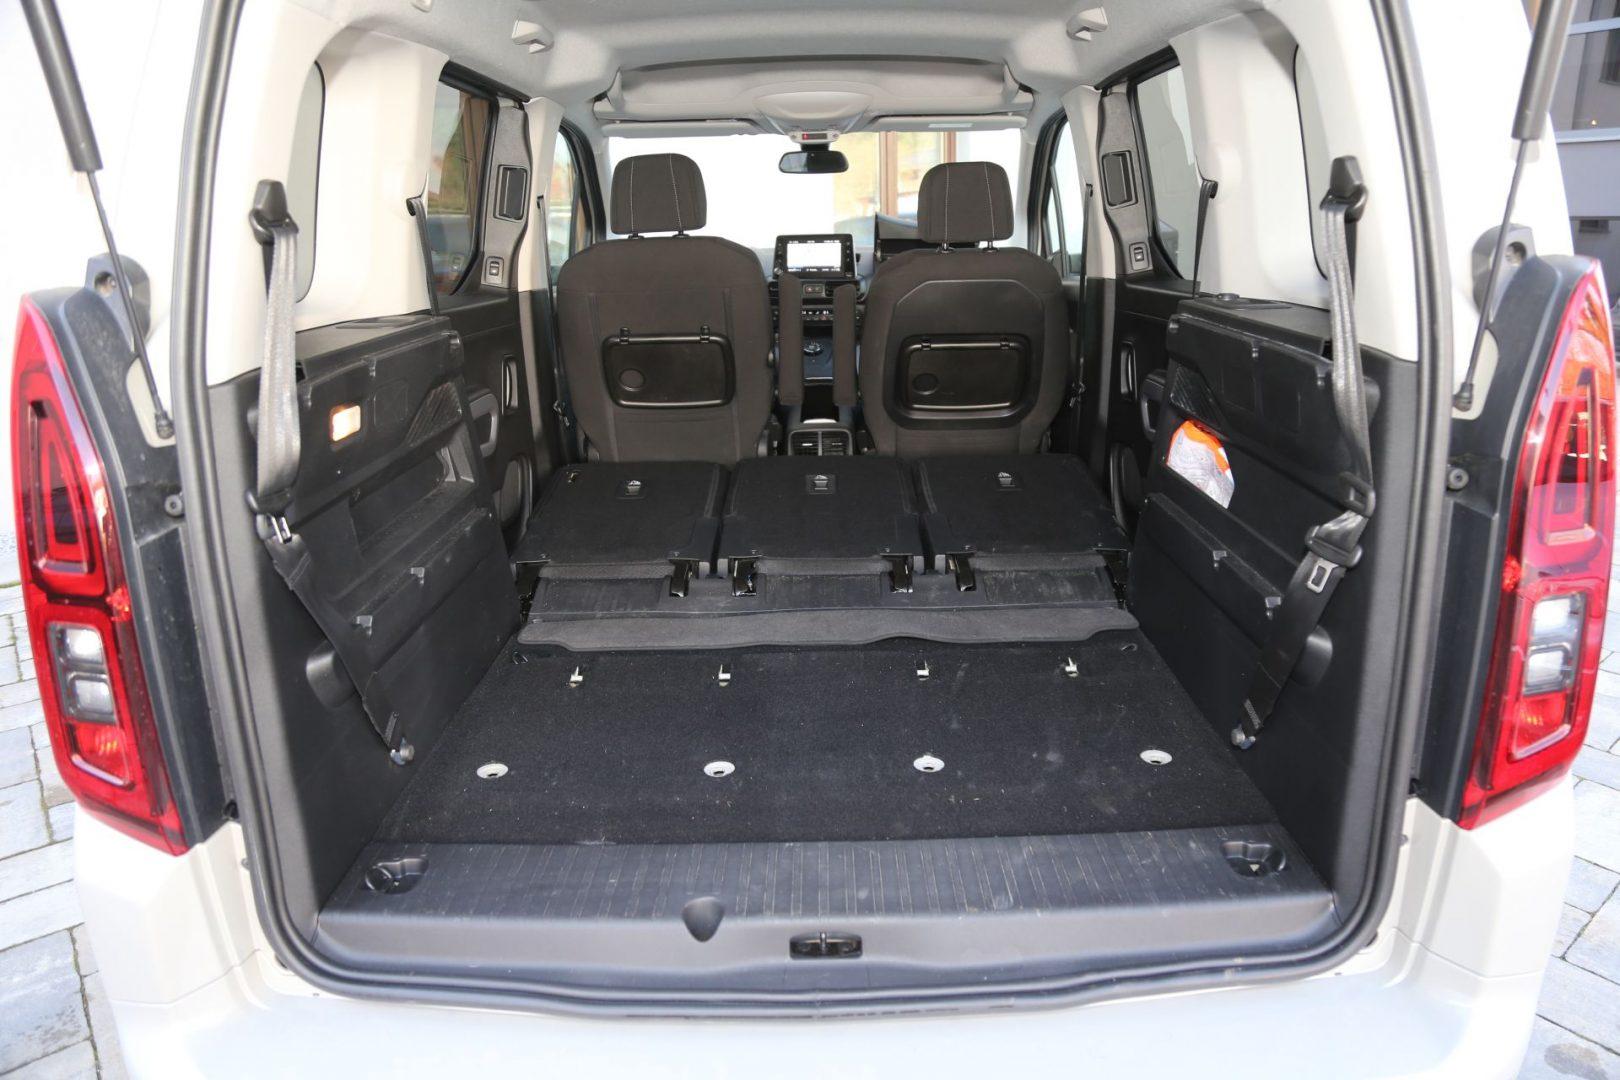 Ako se izvade stražnja i preklope srednja sjedala, dobiva se vrlo veliki korisni prostor